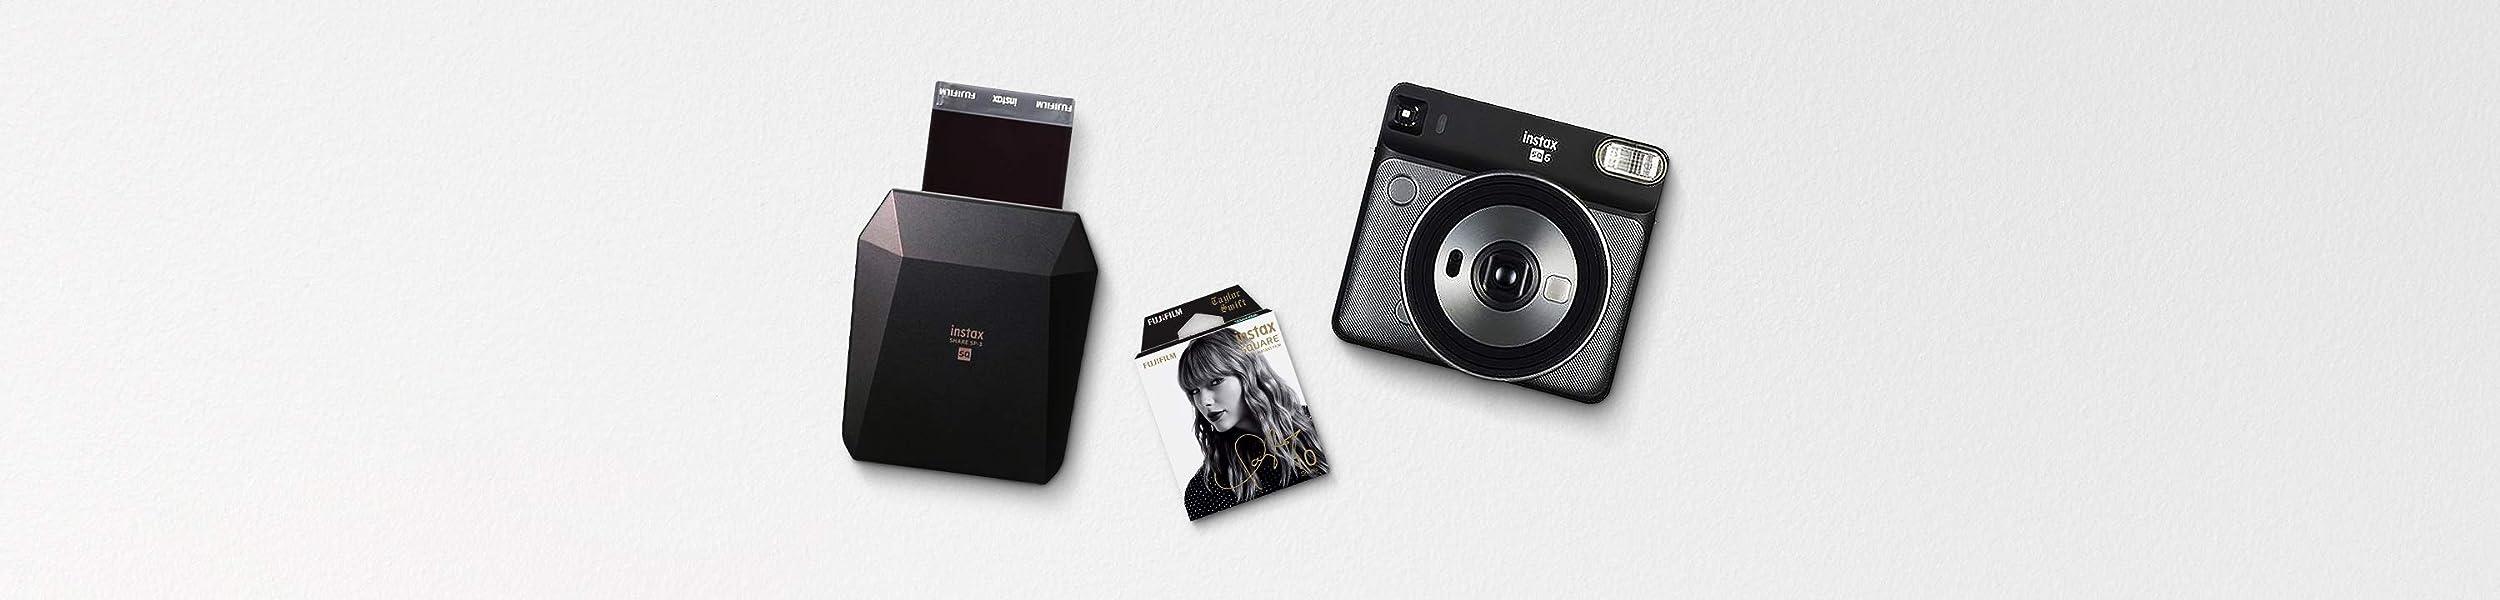 富士フイルム チェキ instax SQUARE Taylor Swift Edition テイラー・スウィフト監修のSQ6 & Square Film